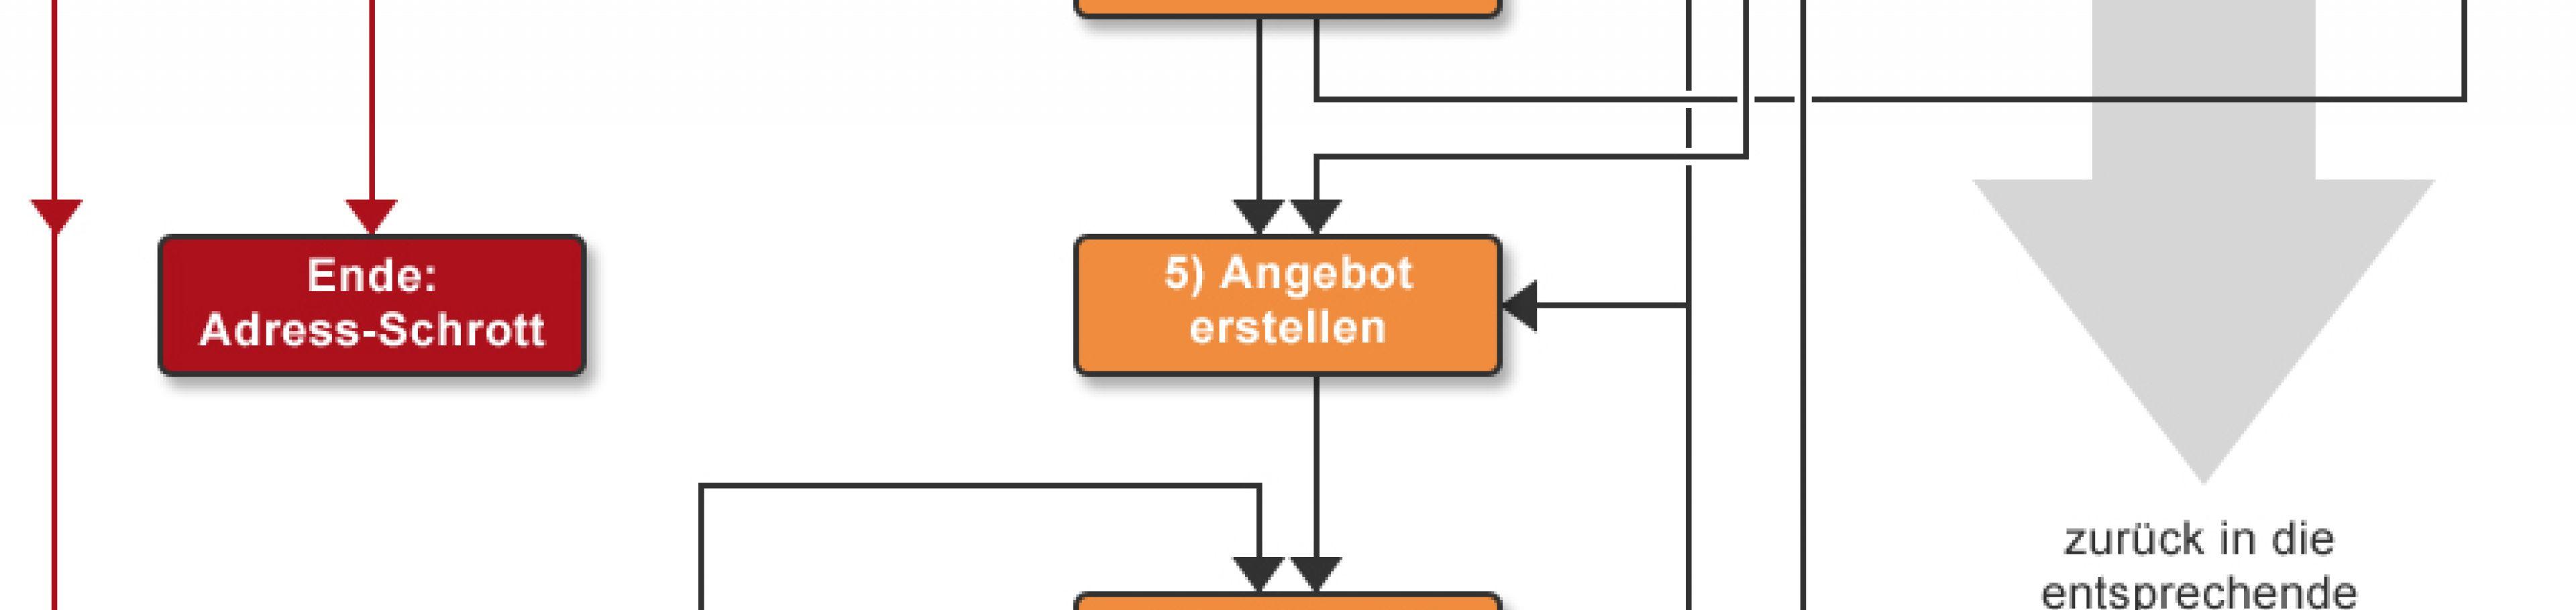 Abbildung eines Vertriebsprozess